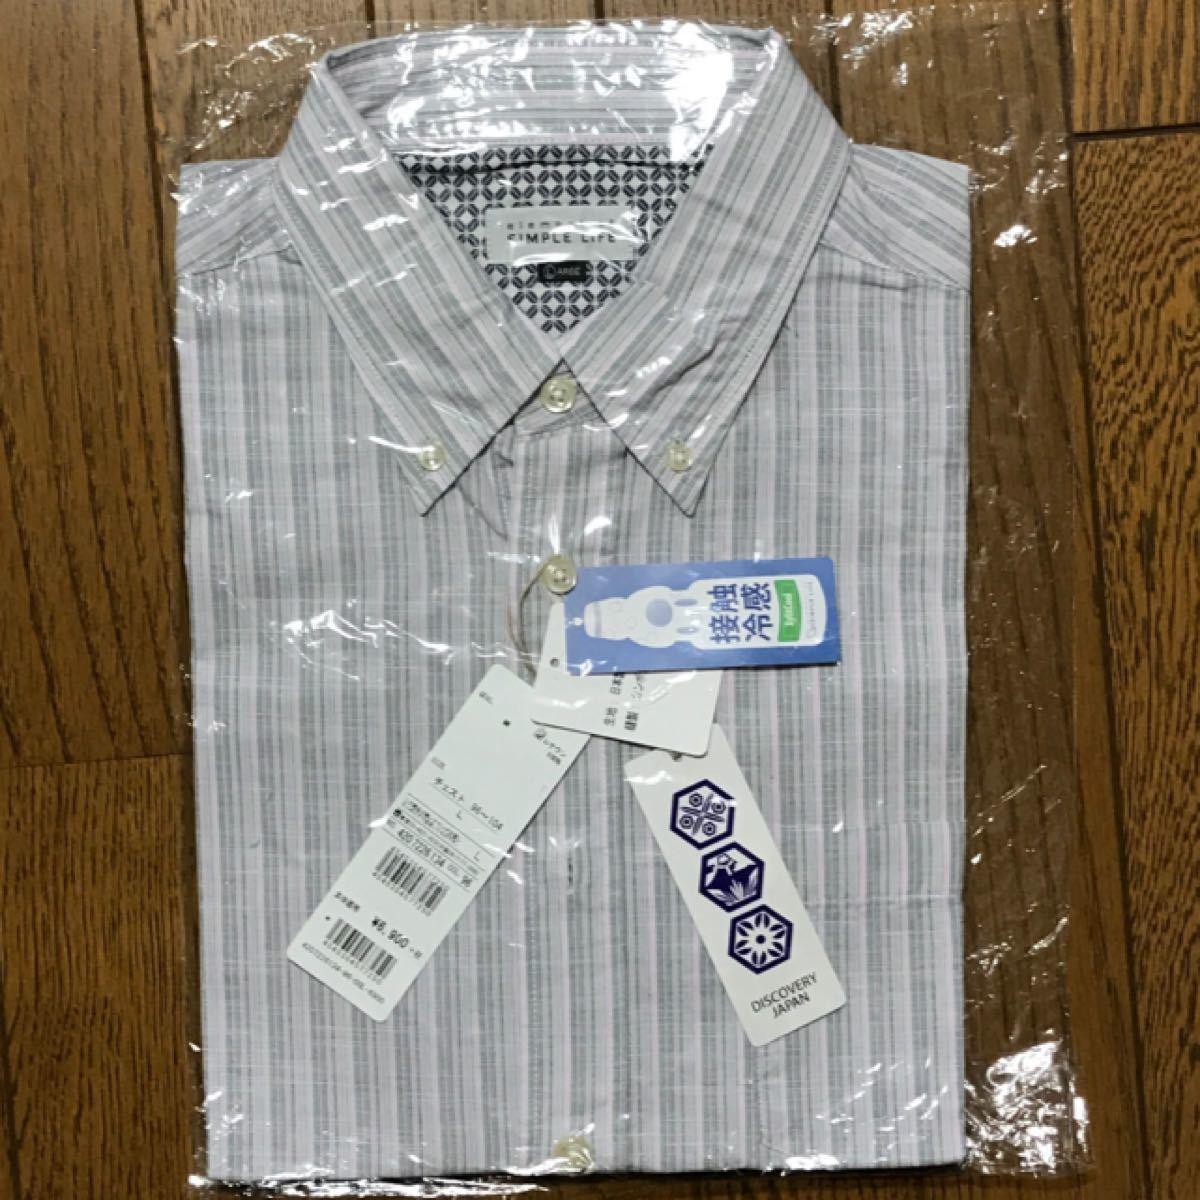 半袖シャツ メンズカジュアルシャツ L  シンプルライフ レナウン 未開封